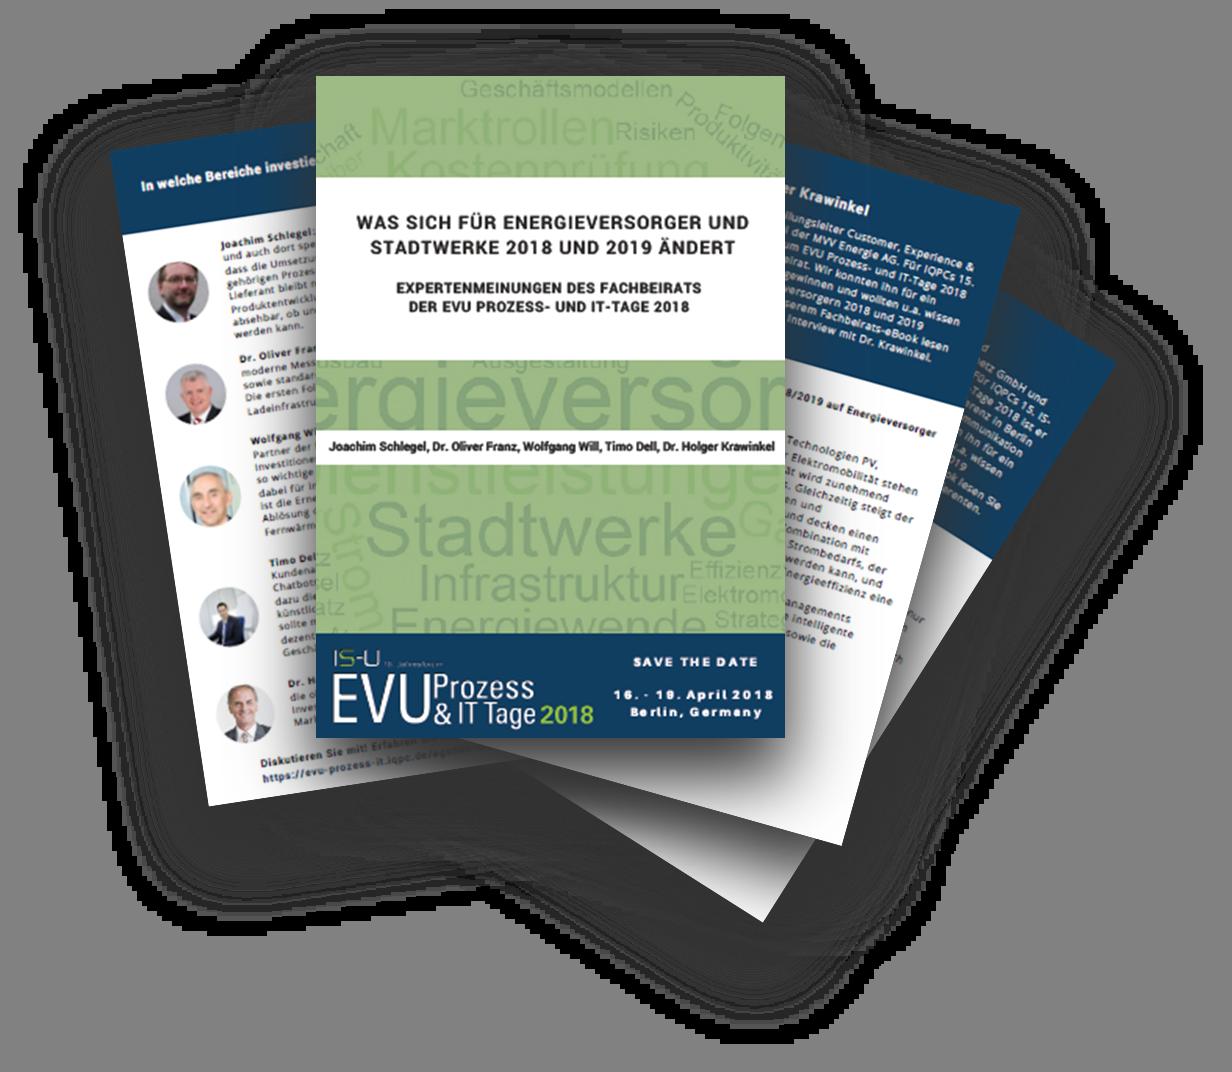 Was sich für EVU und Stadtwerke 2018 und 2019 ändert